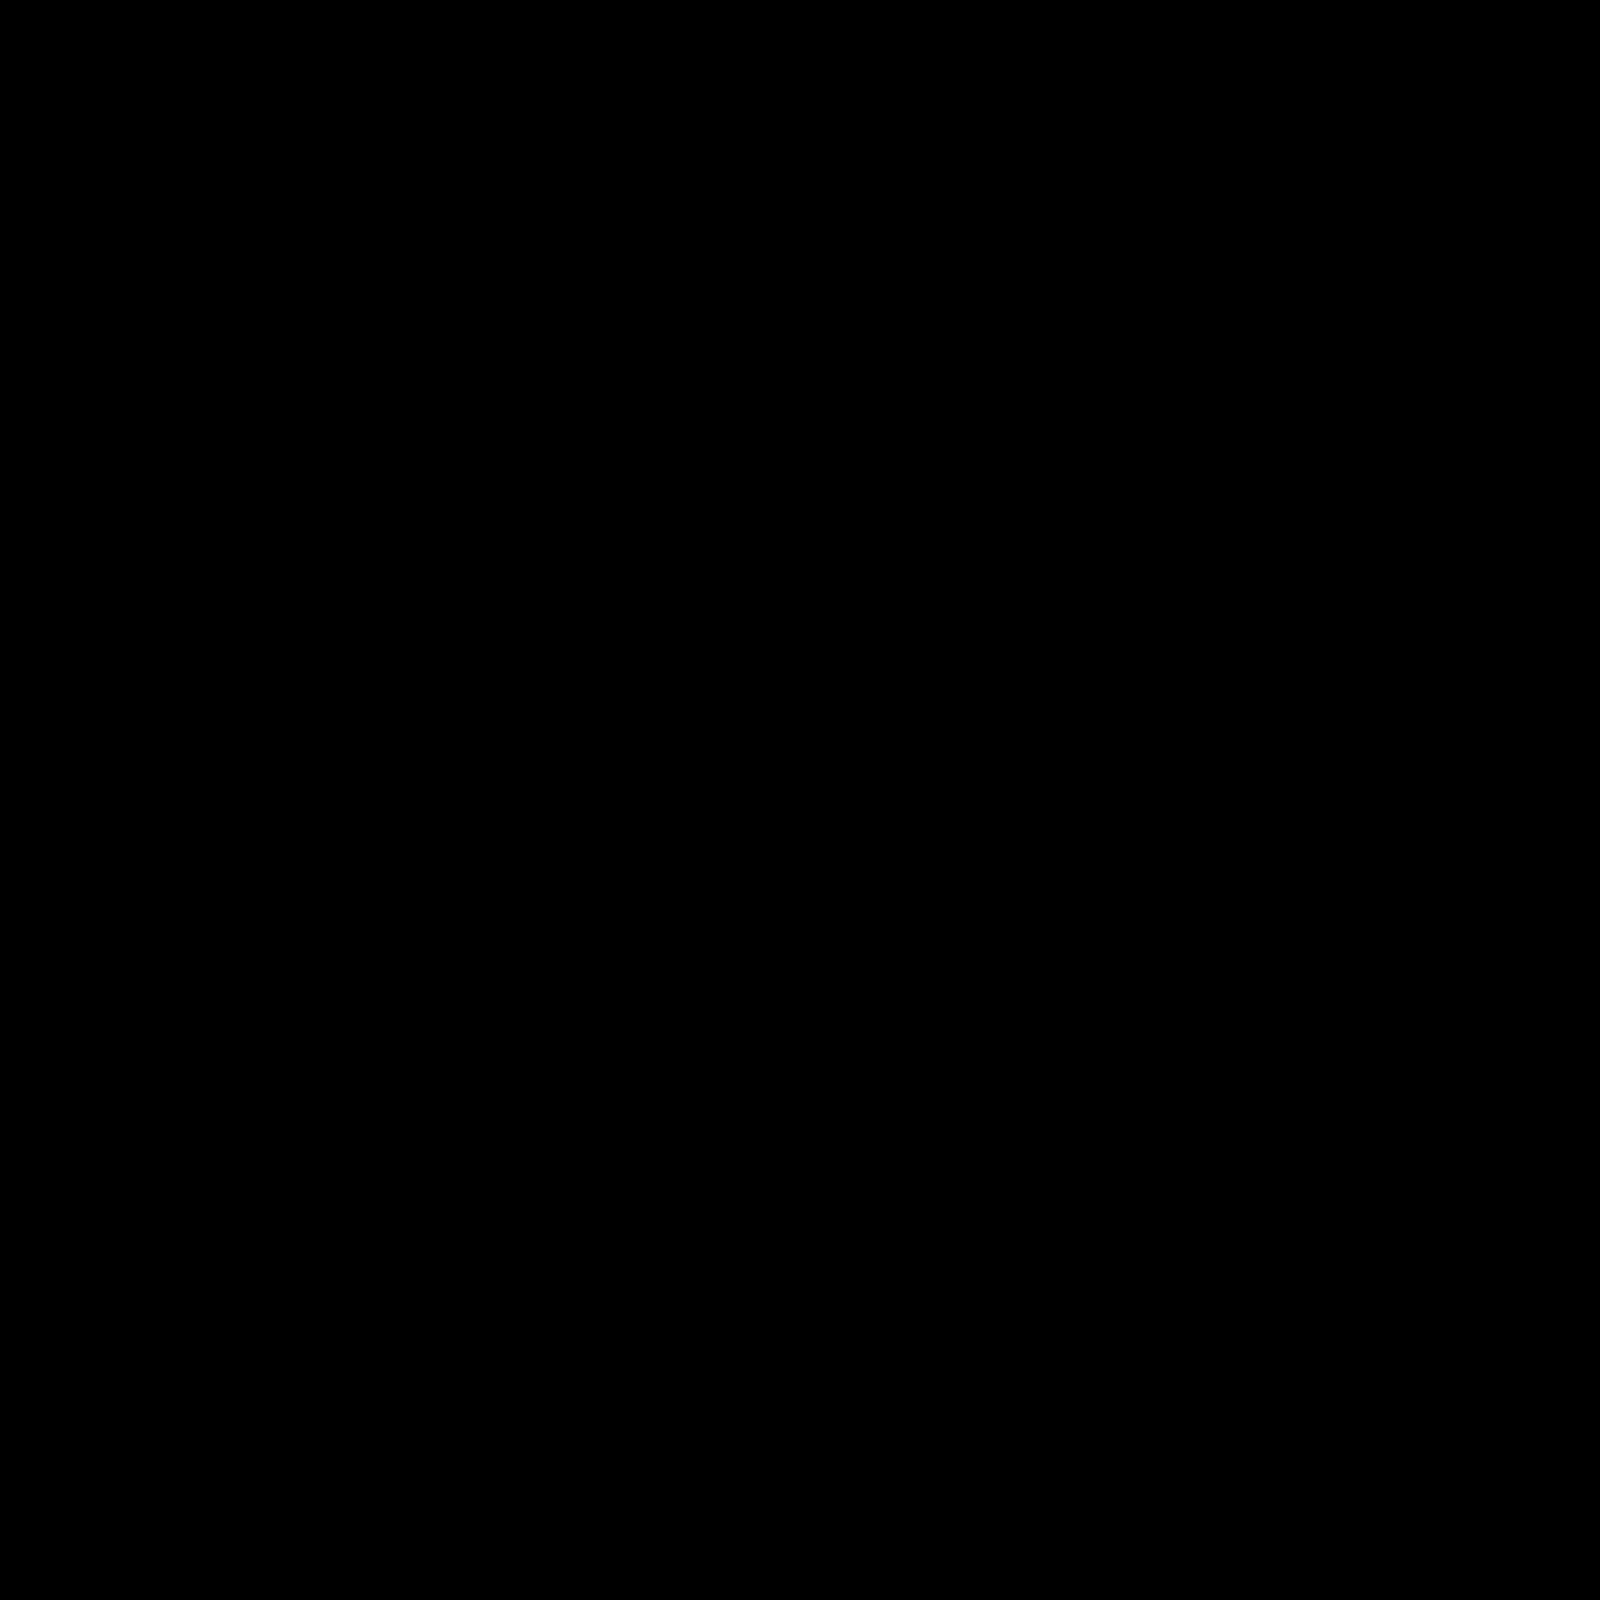 Zamiana icon